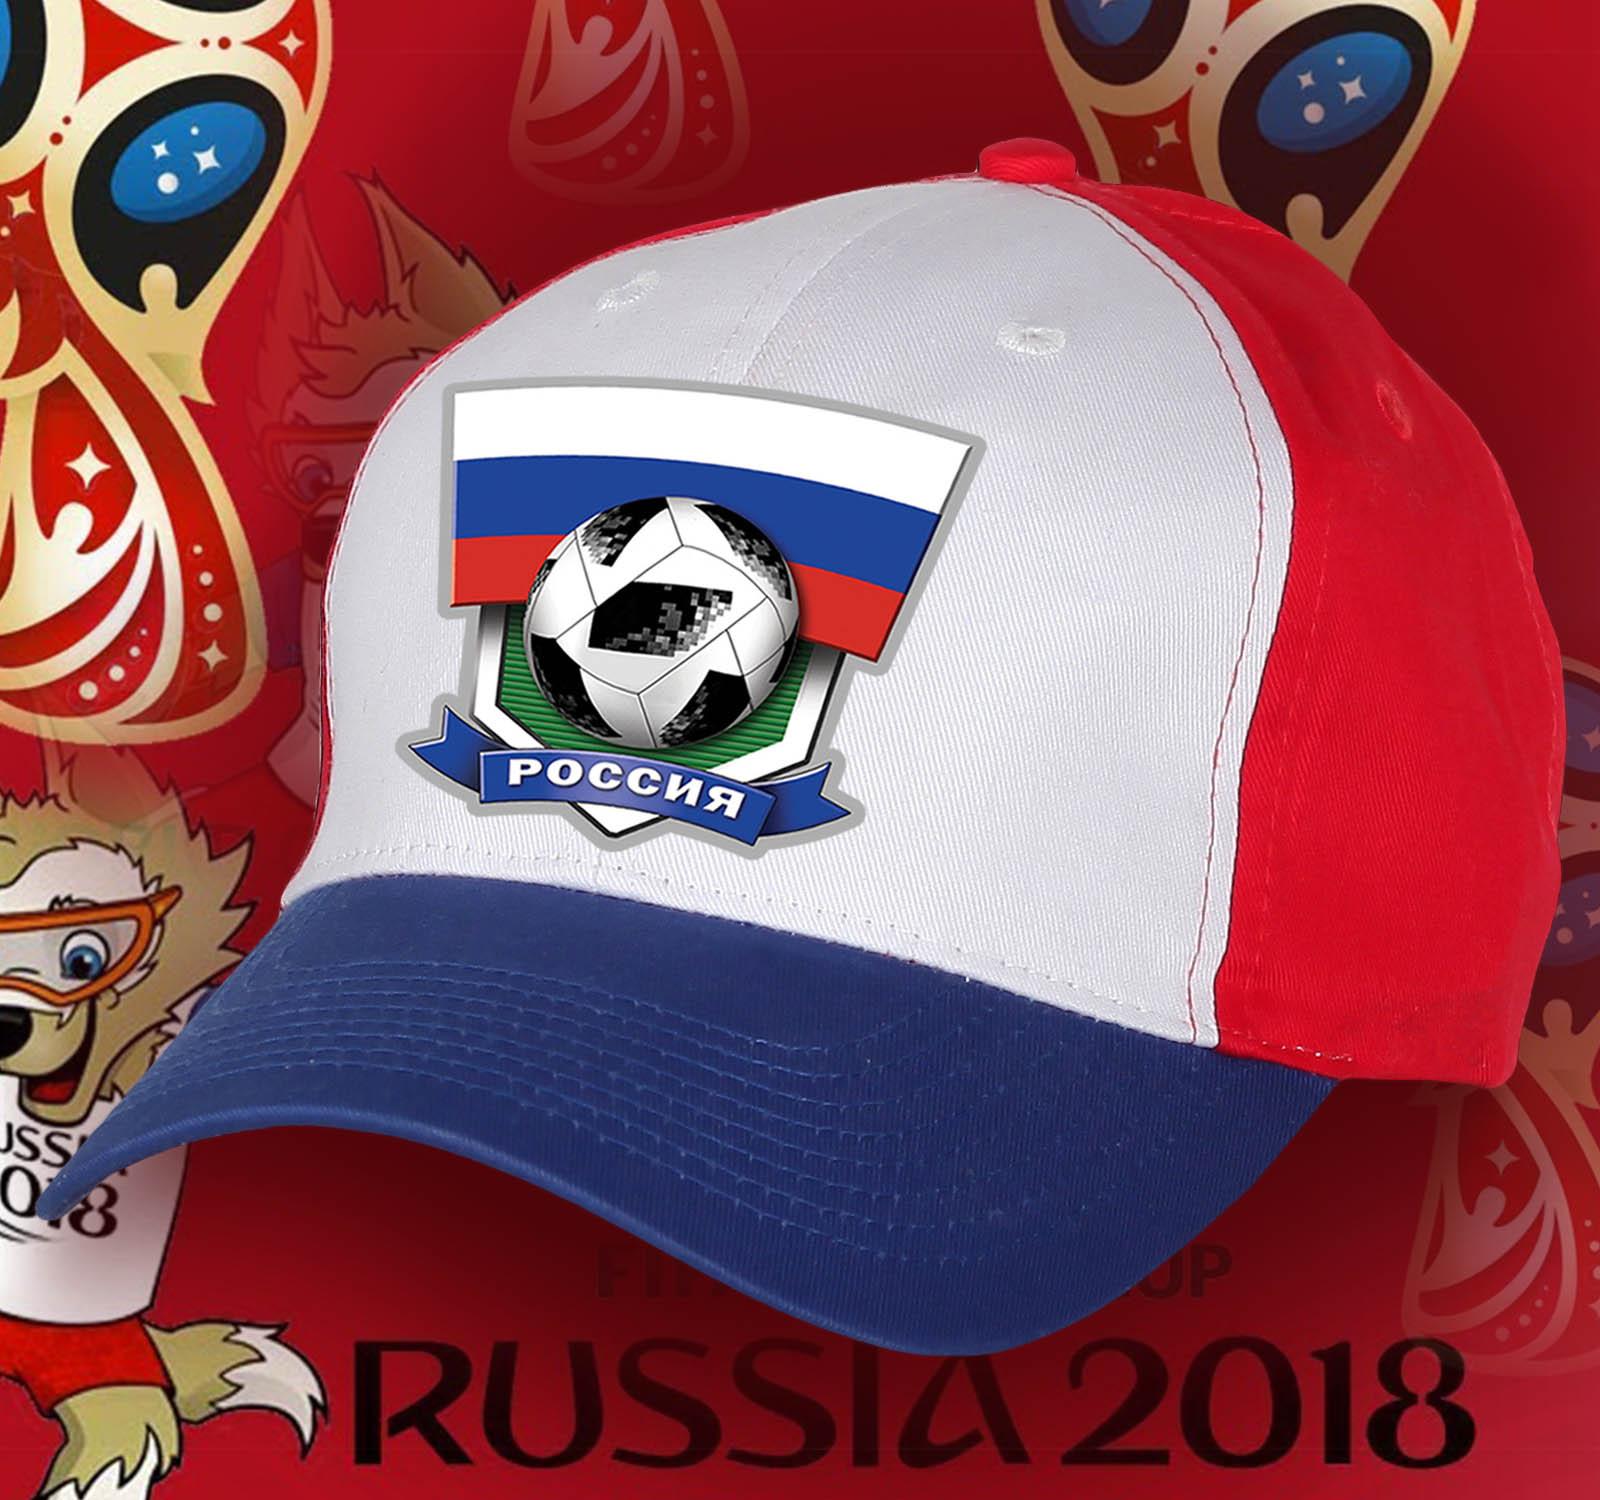 Патриотическая фанатская бейсболка Россия